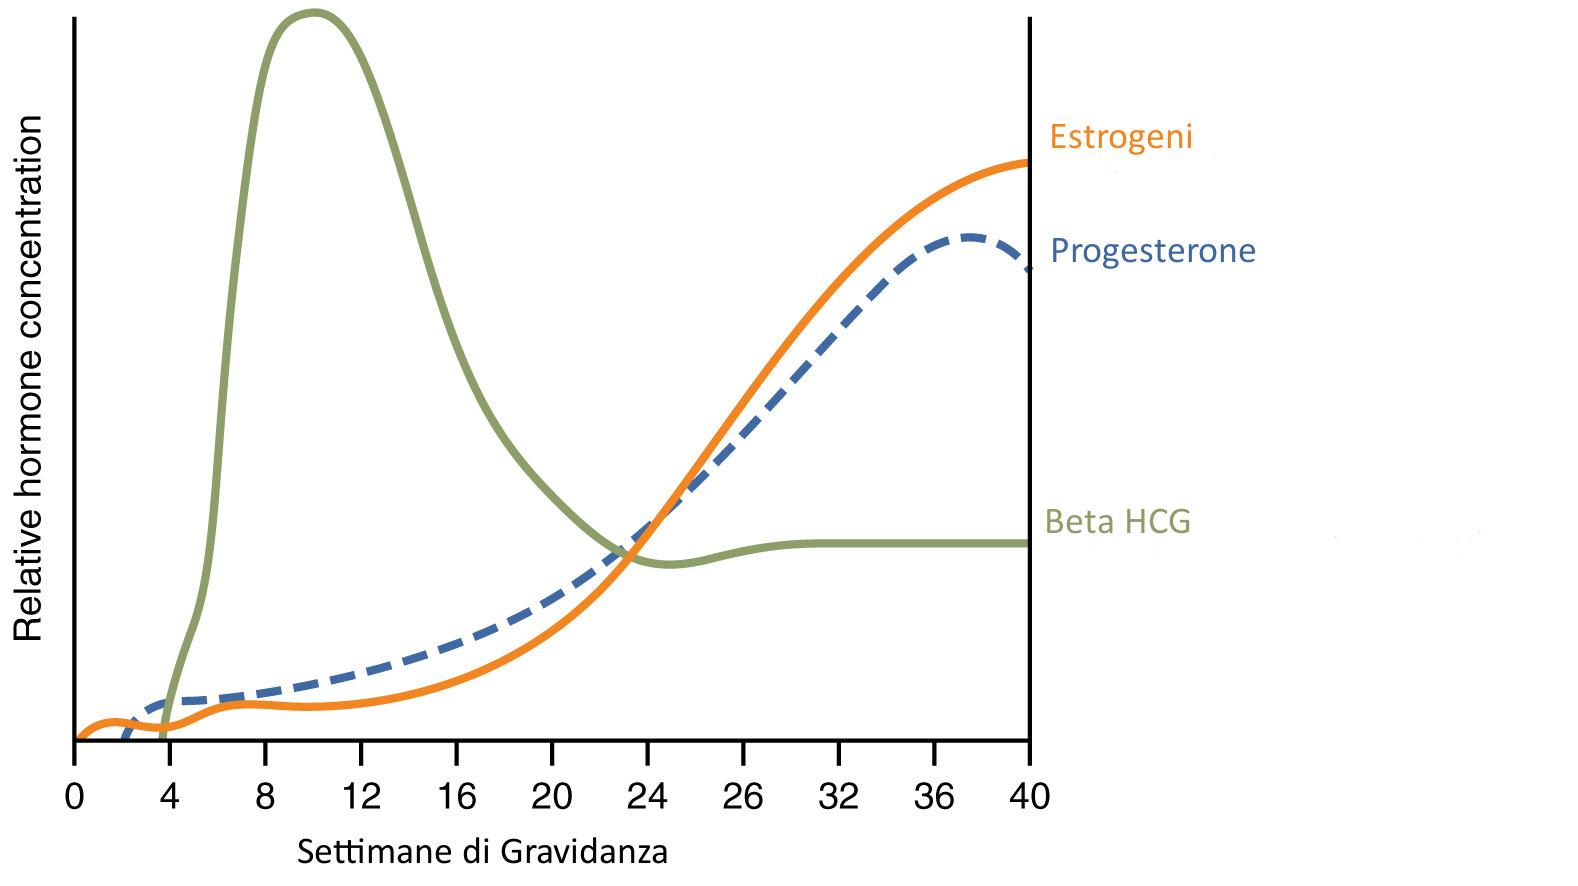 grafico ormoni principali gravidanza